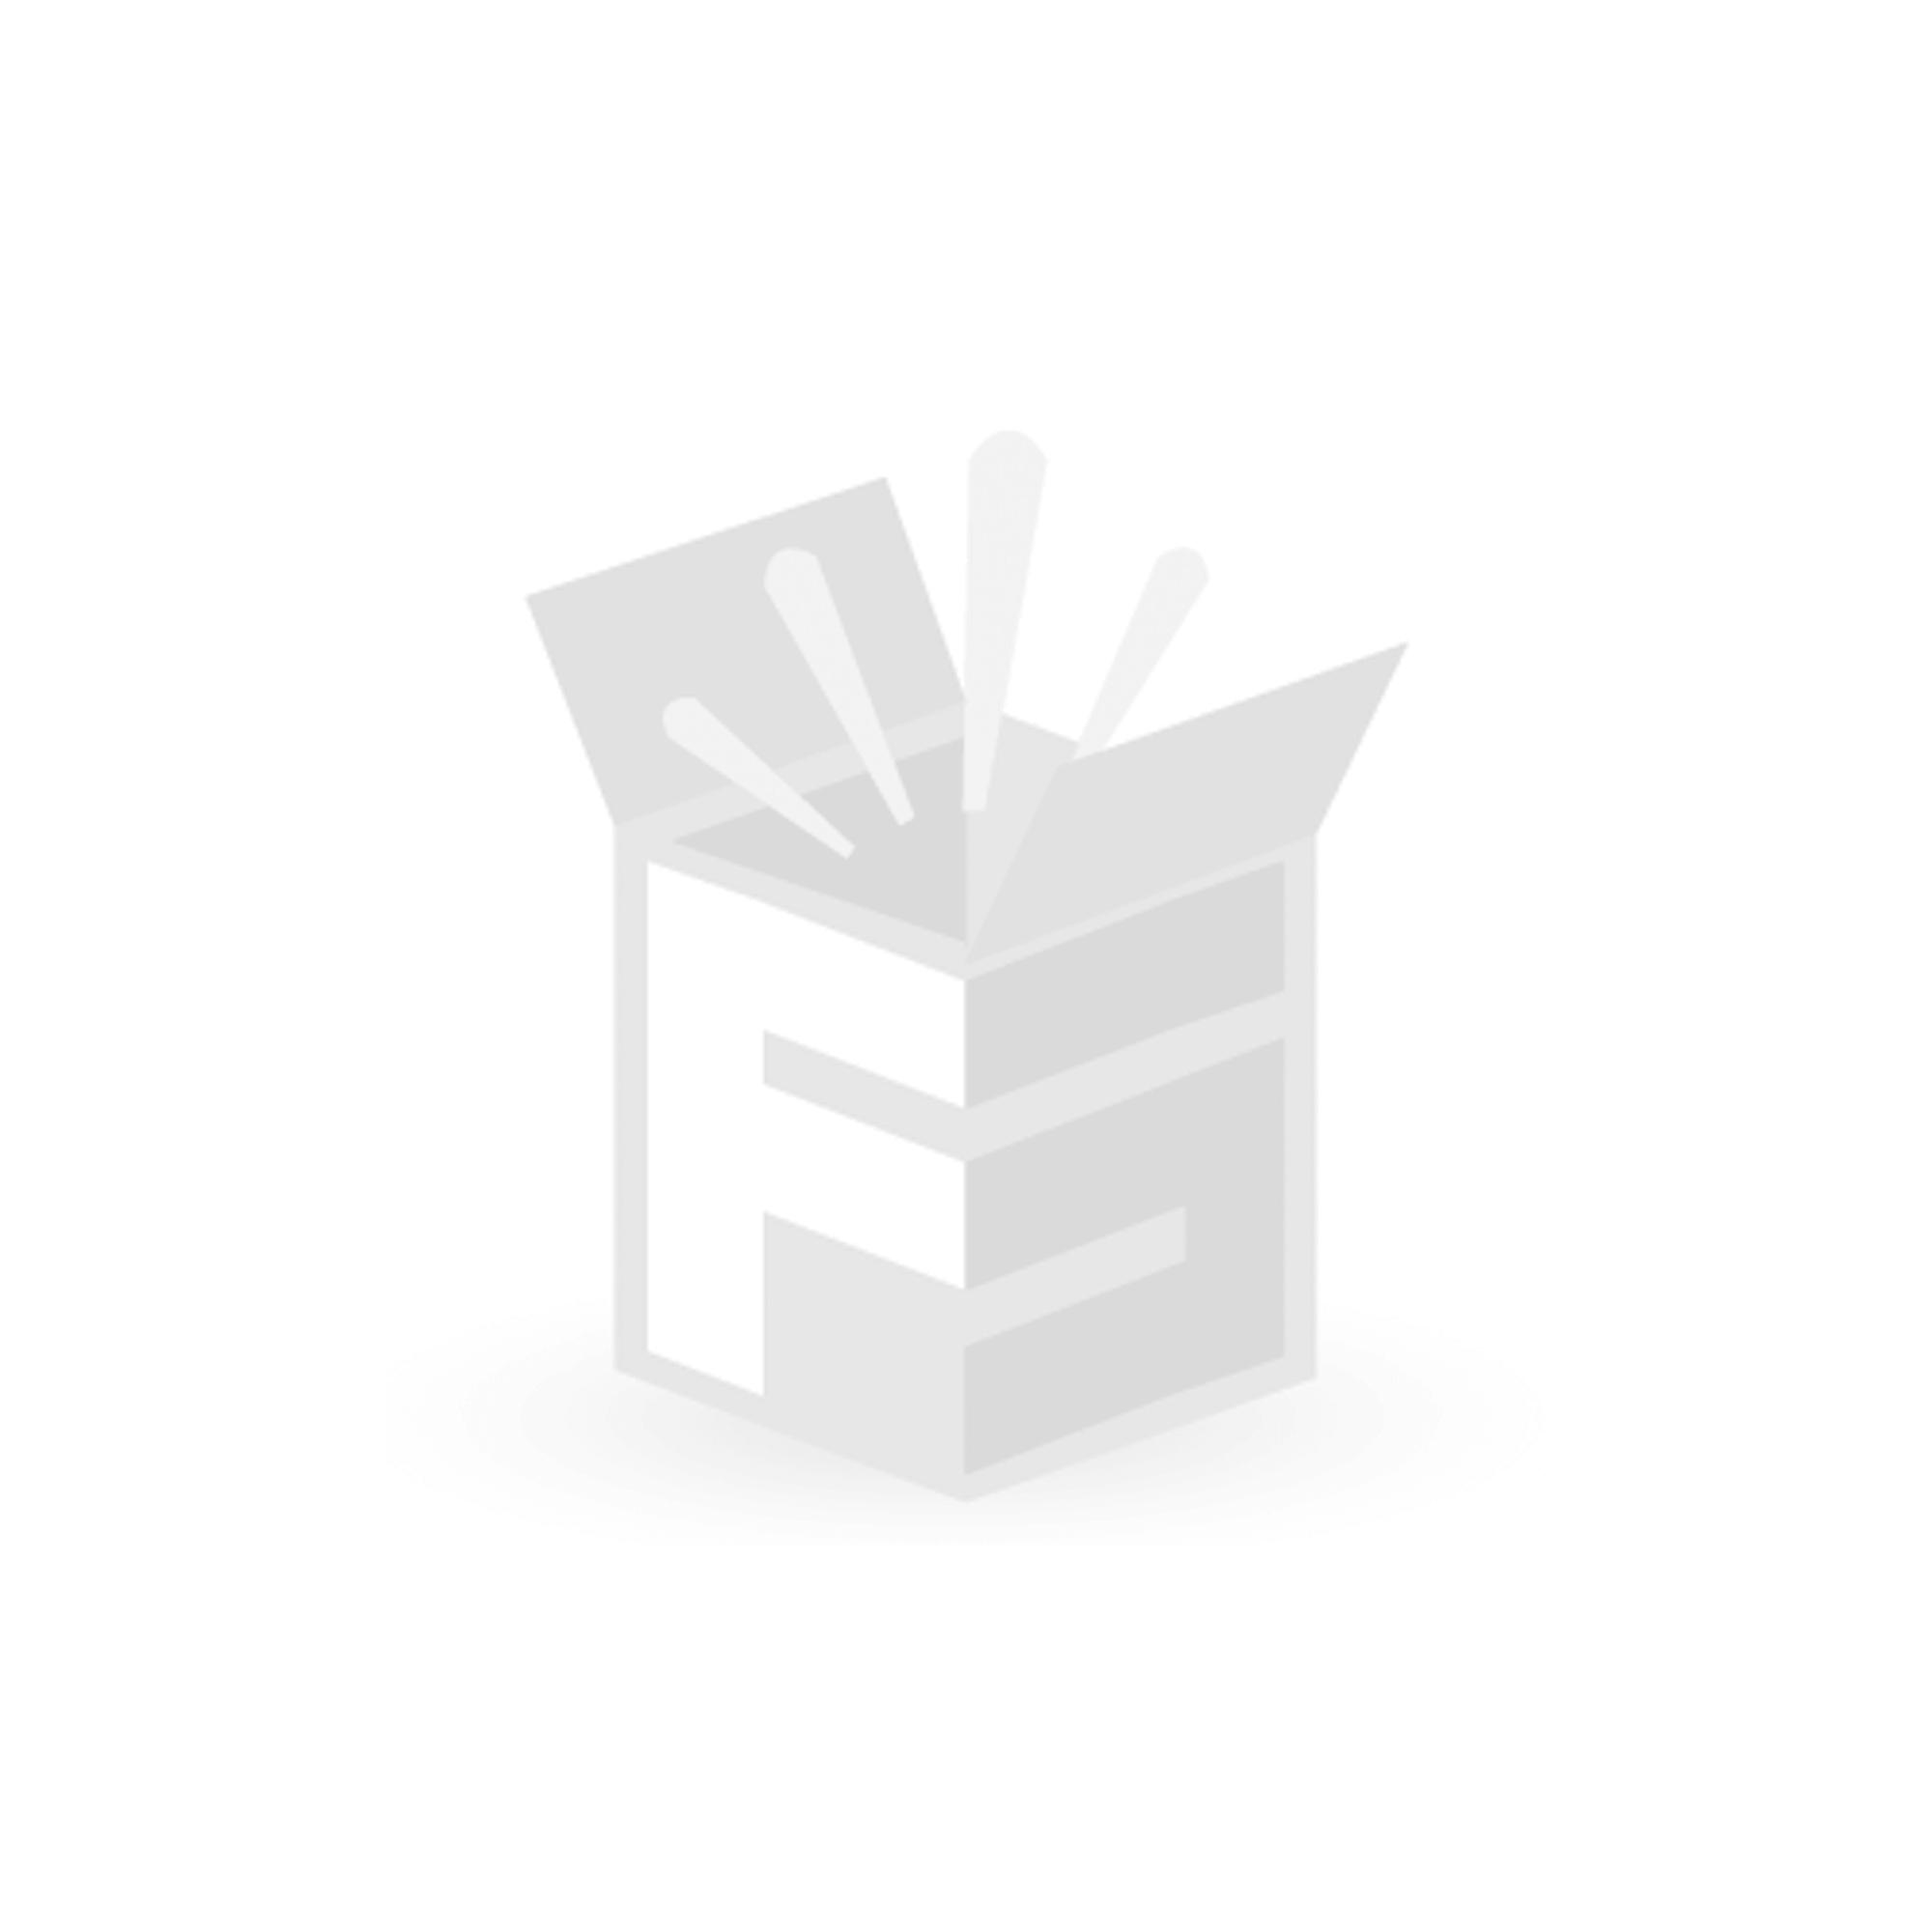 Wizzy Kunststoff-Pflegetücher matt, 15 Stück